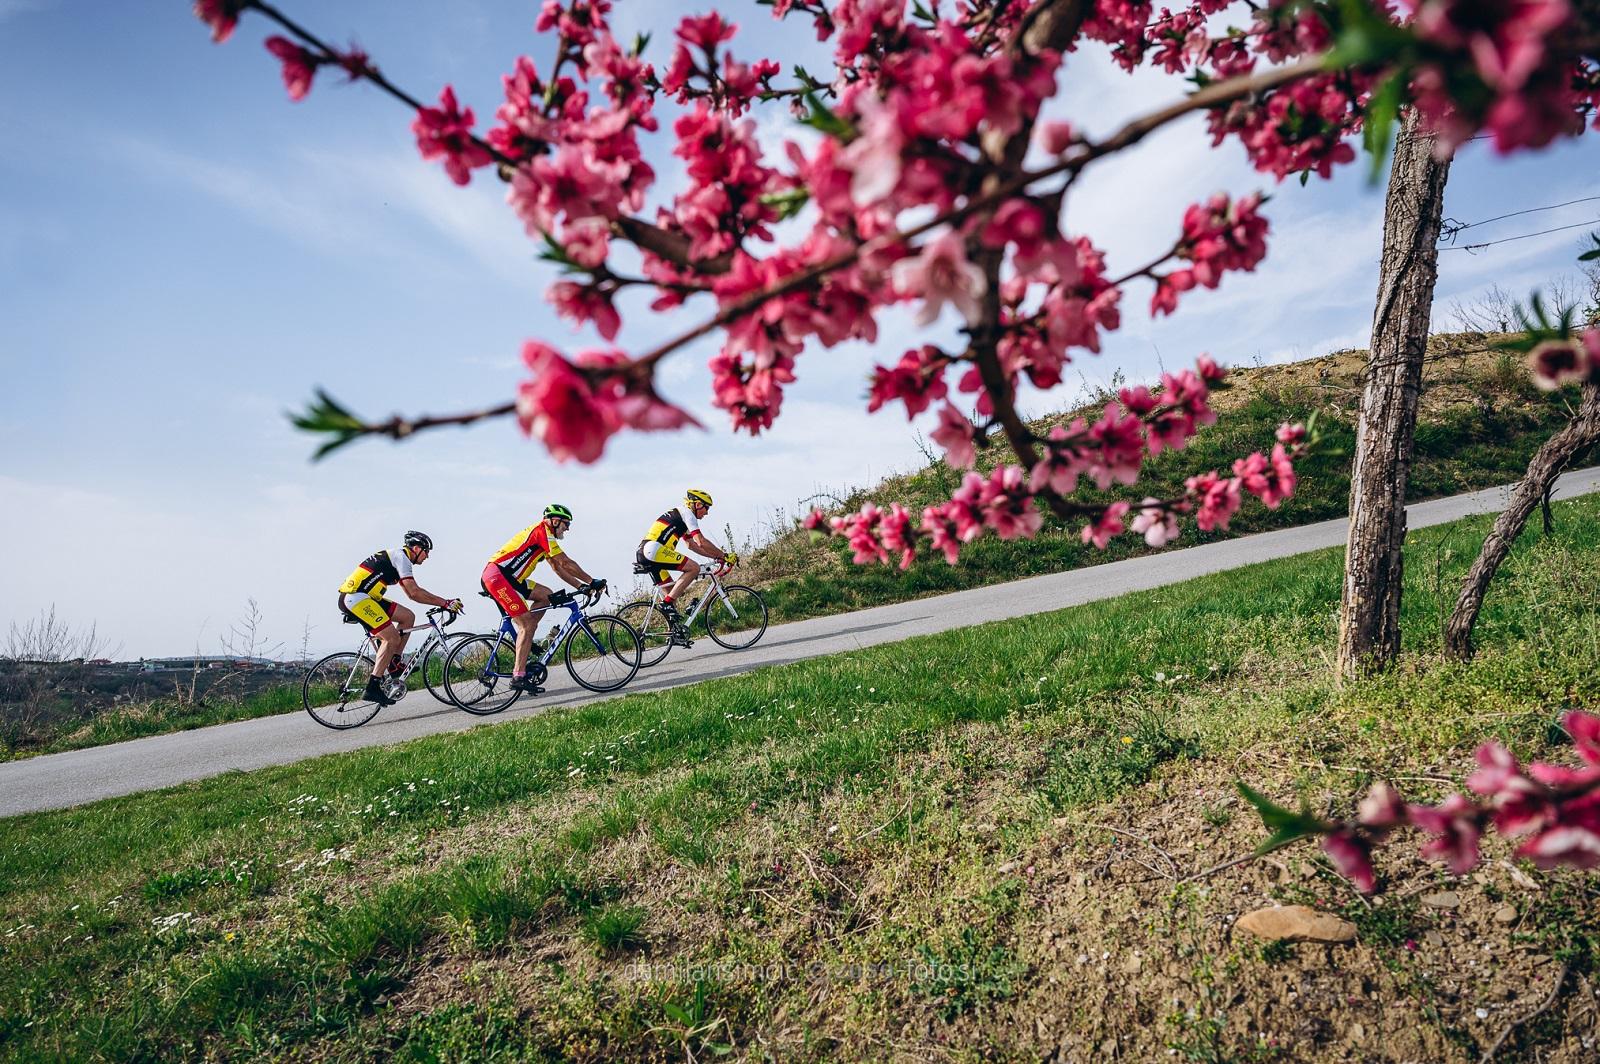 Ciclisti sulla strada tra Cerovo e Vipolze